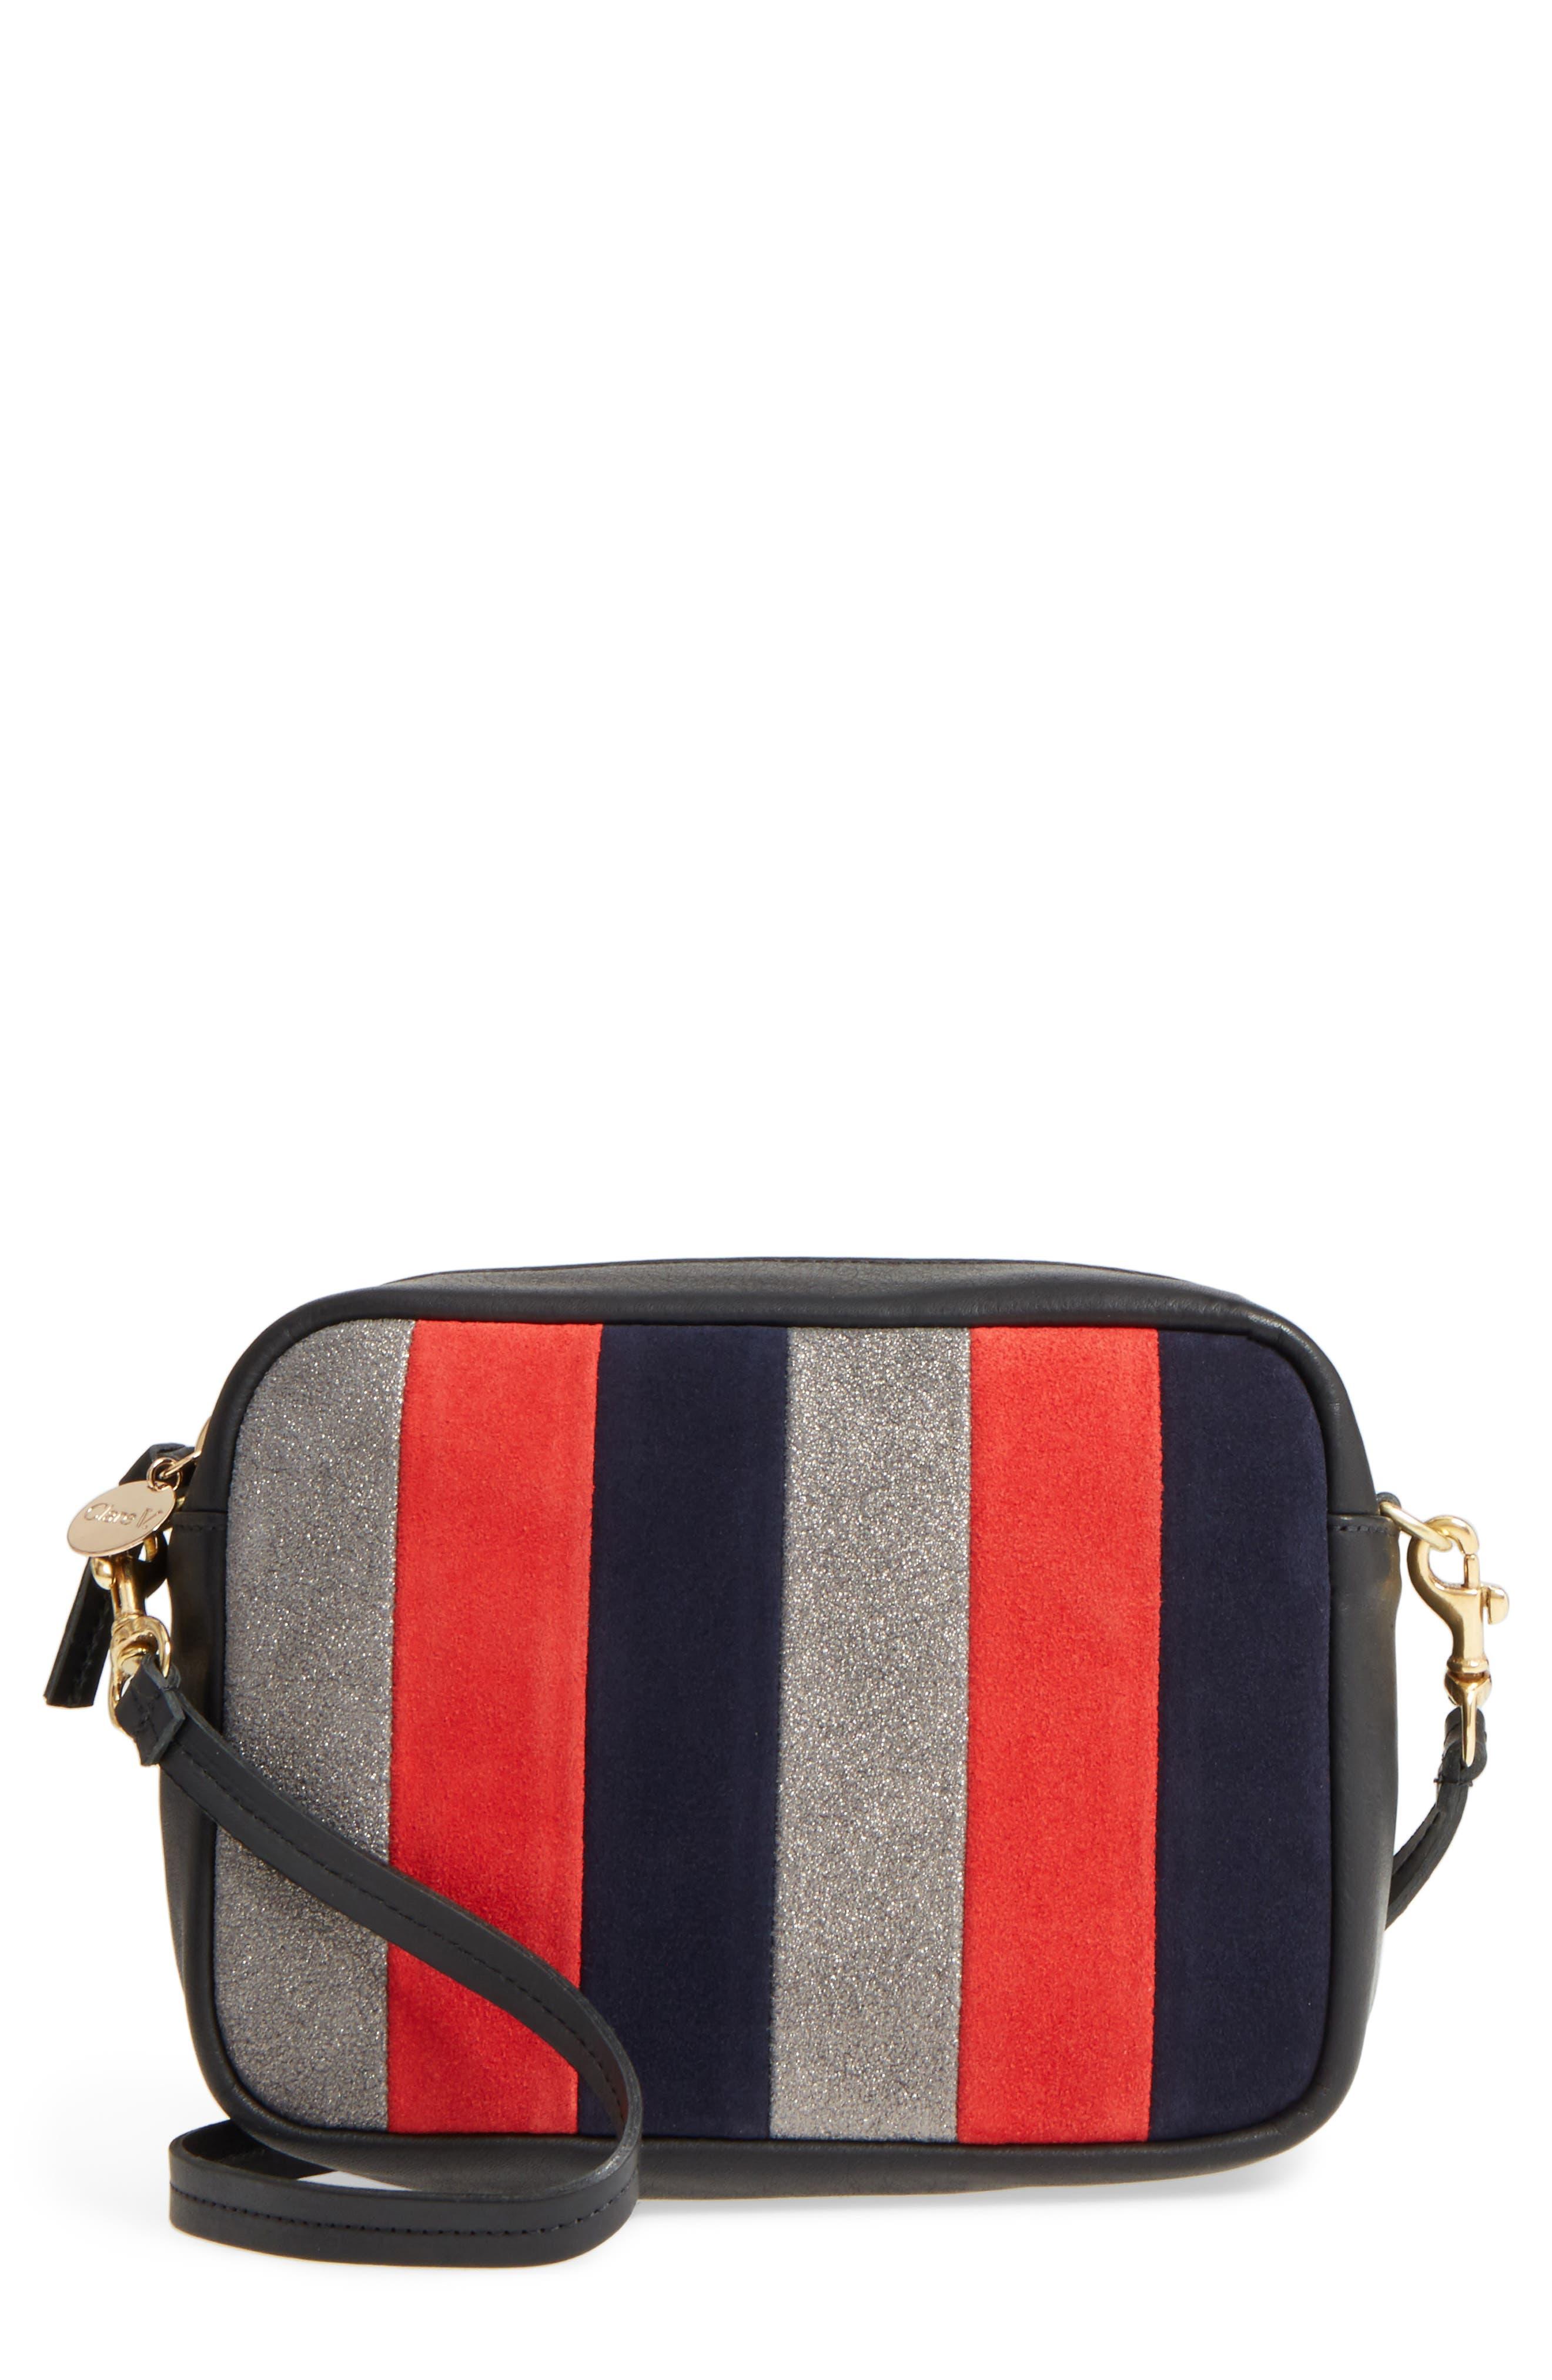 Clare V Midi Sac Stripe Leather Crossbody Bag